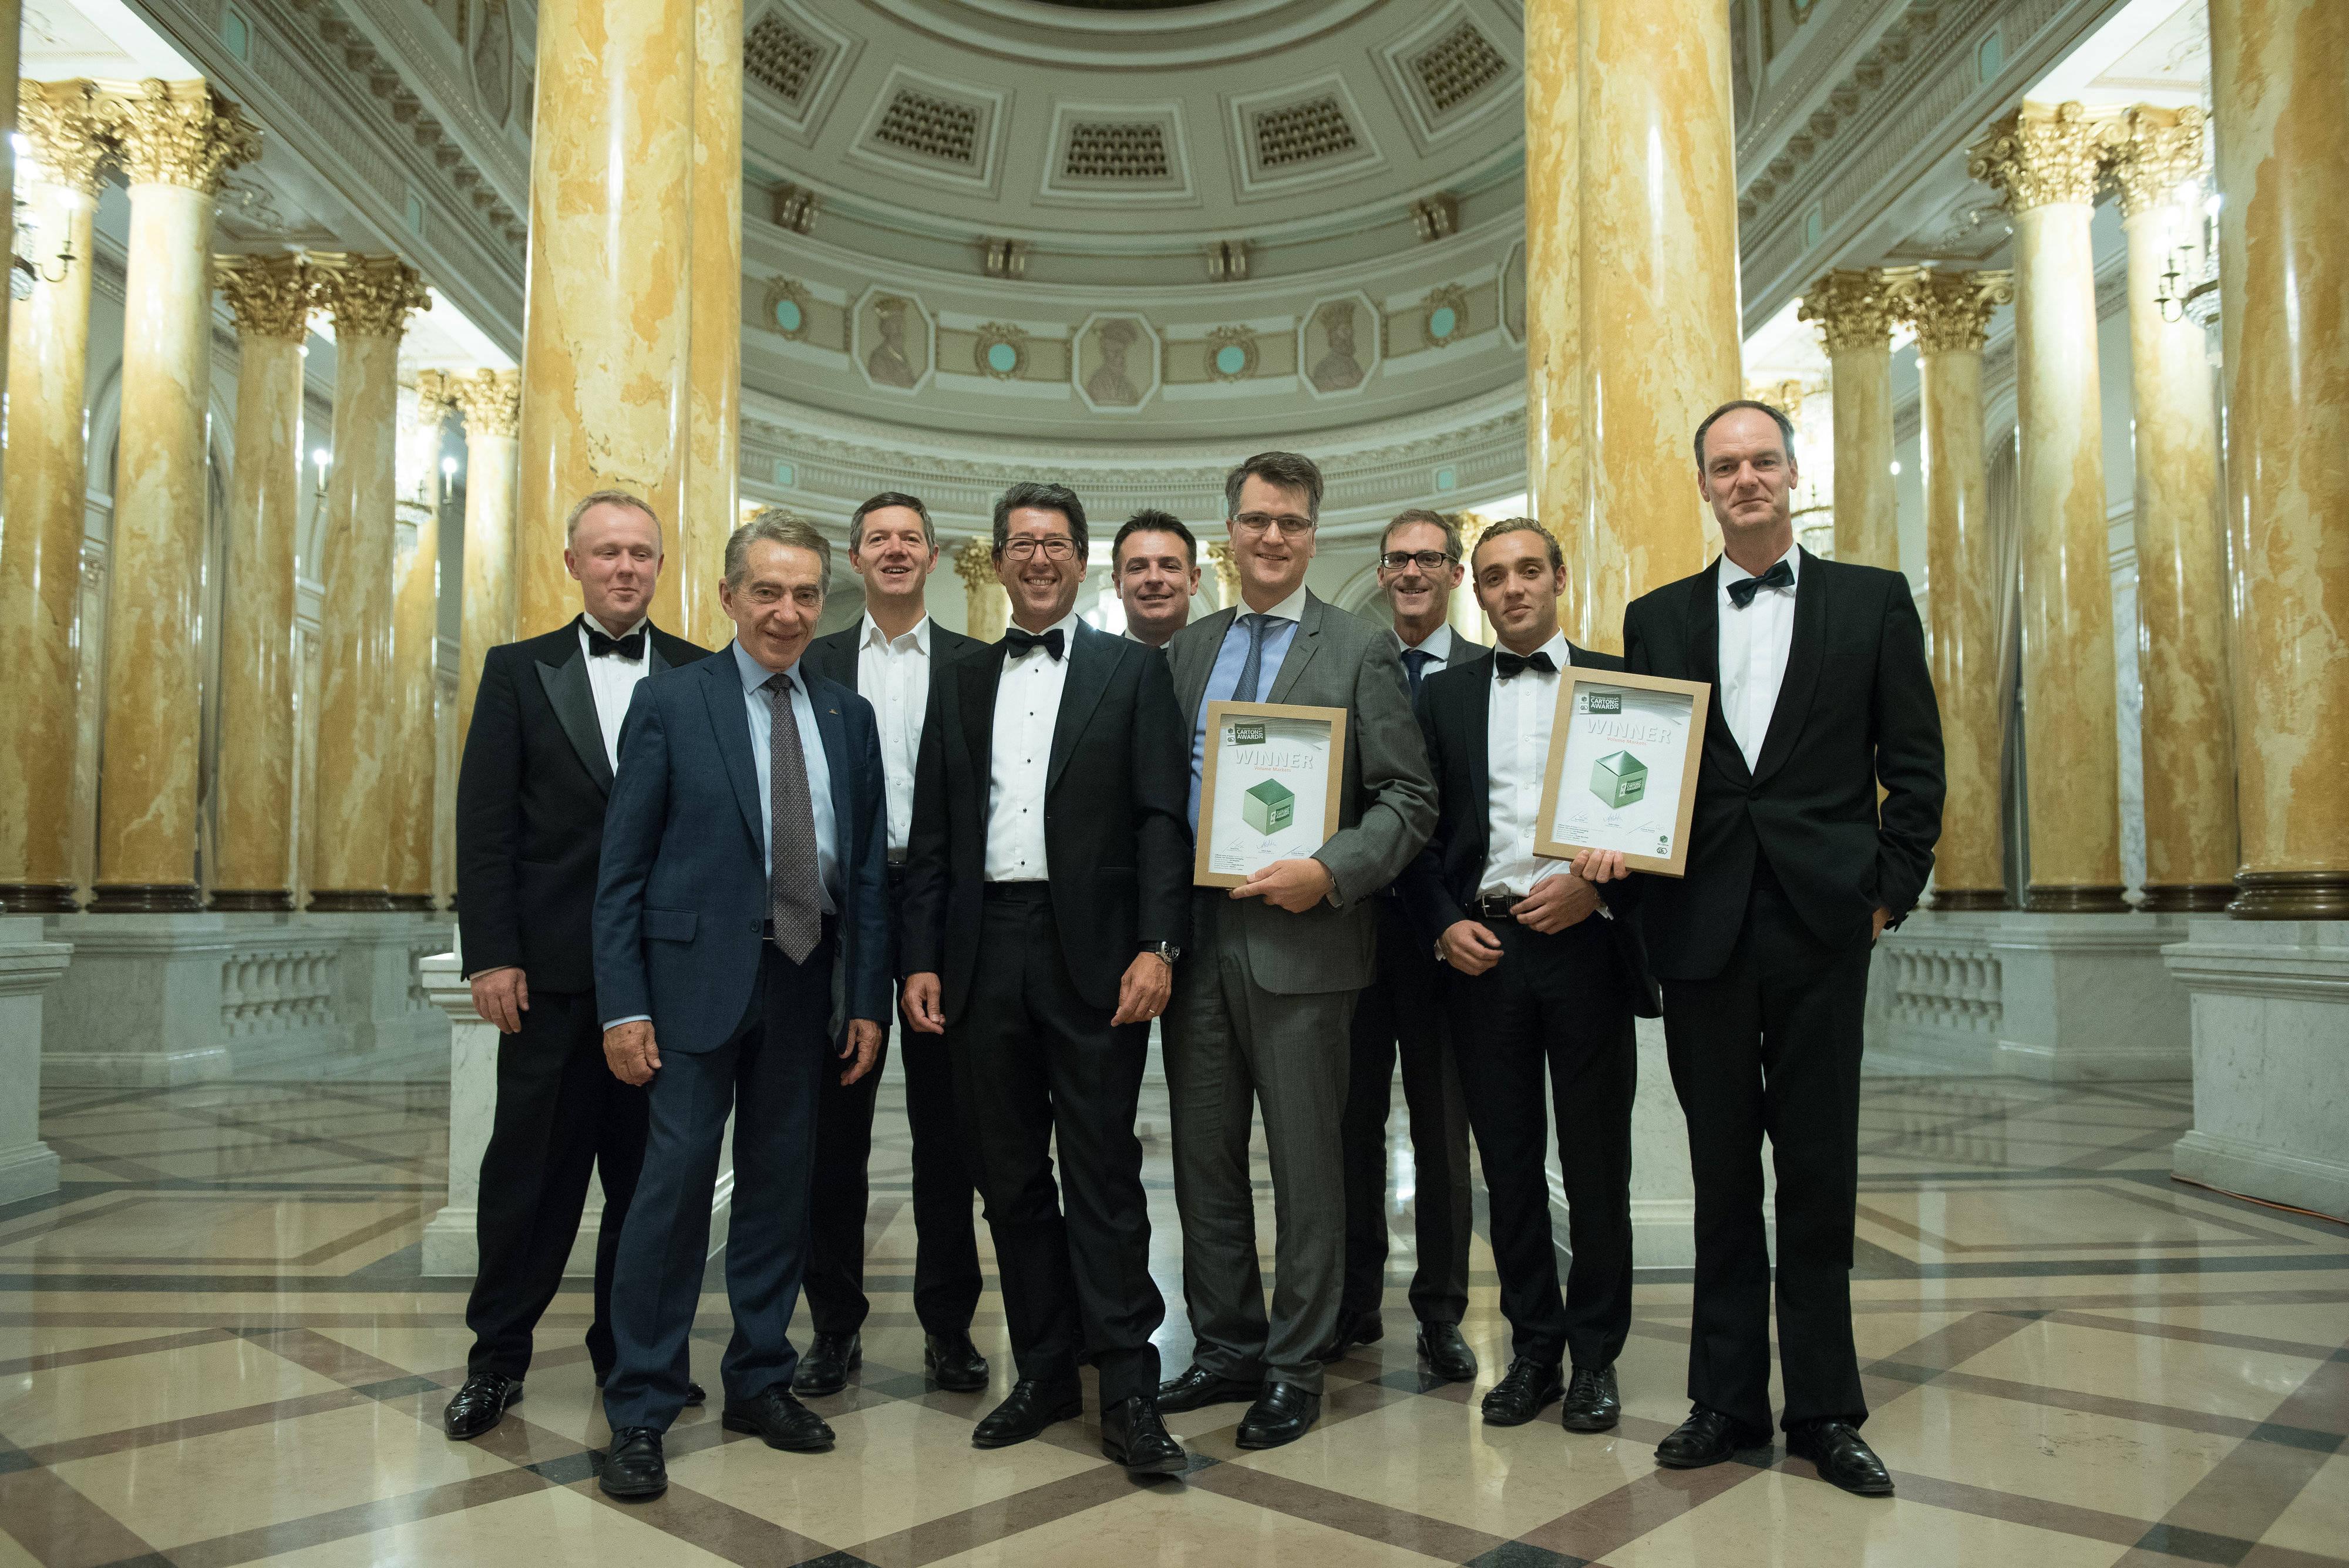 Pro Carton ECMA Award Gala 2015 49